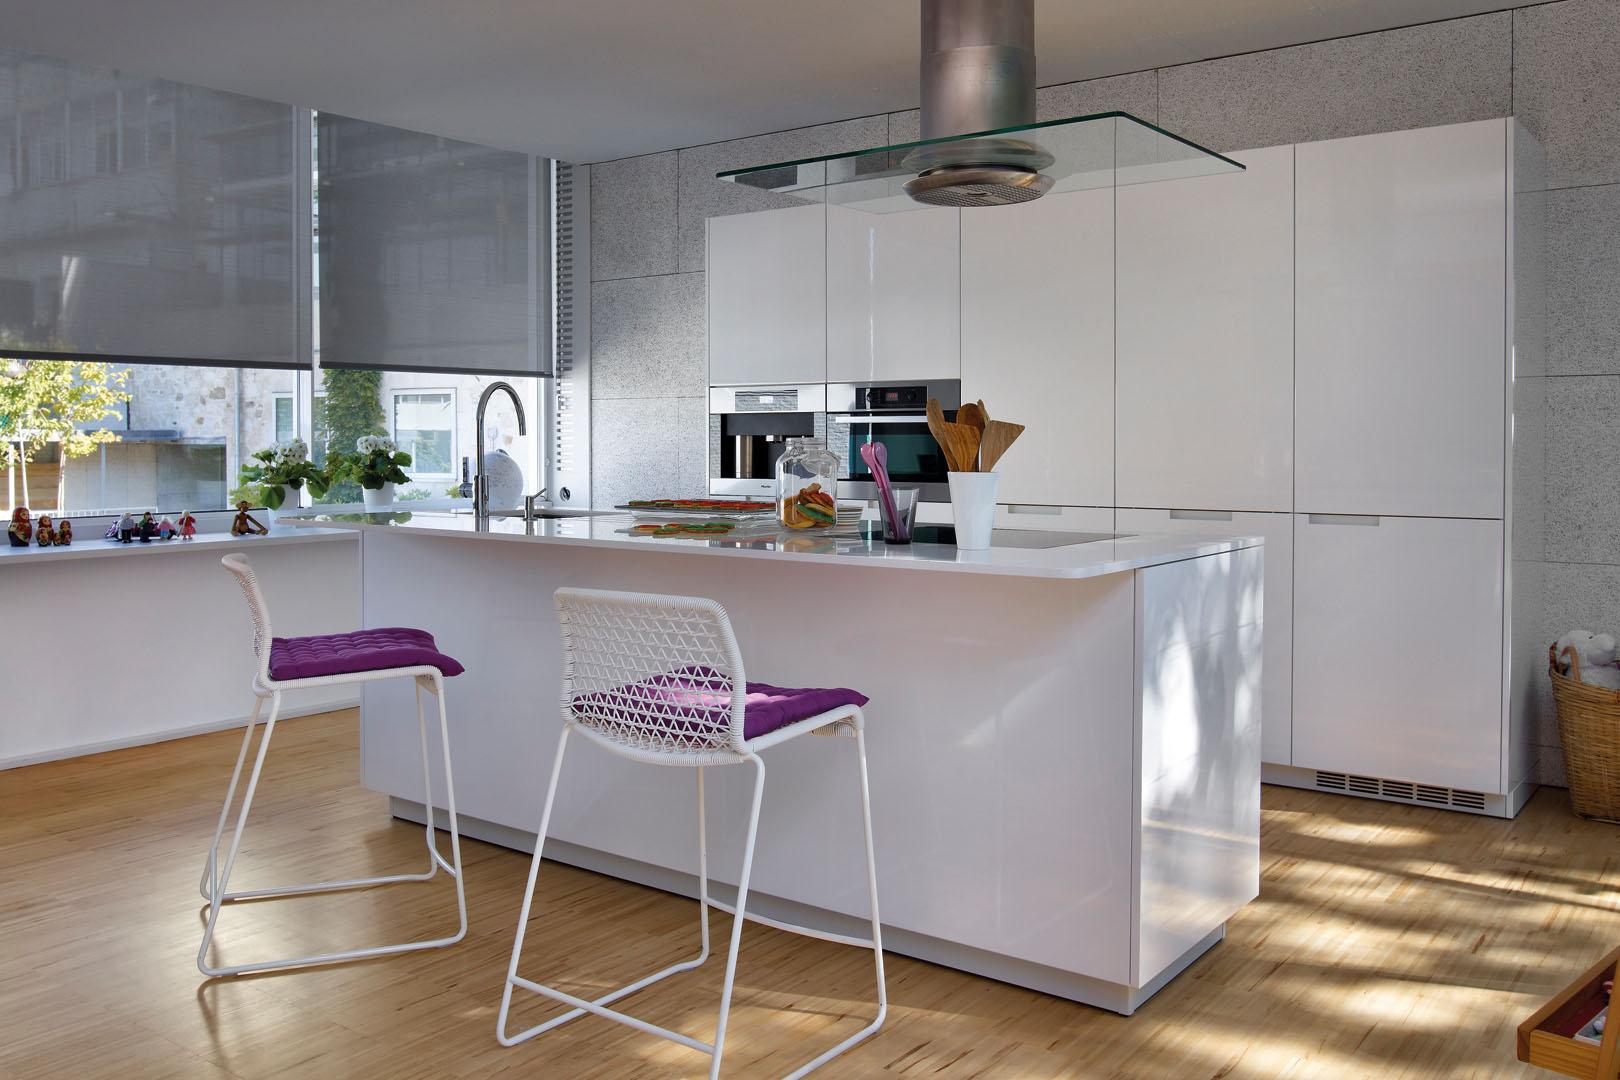 Cocina blanca con isla minimalista